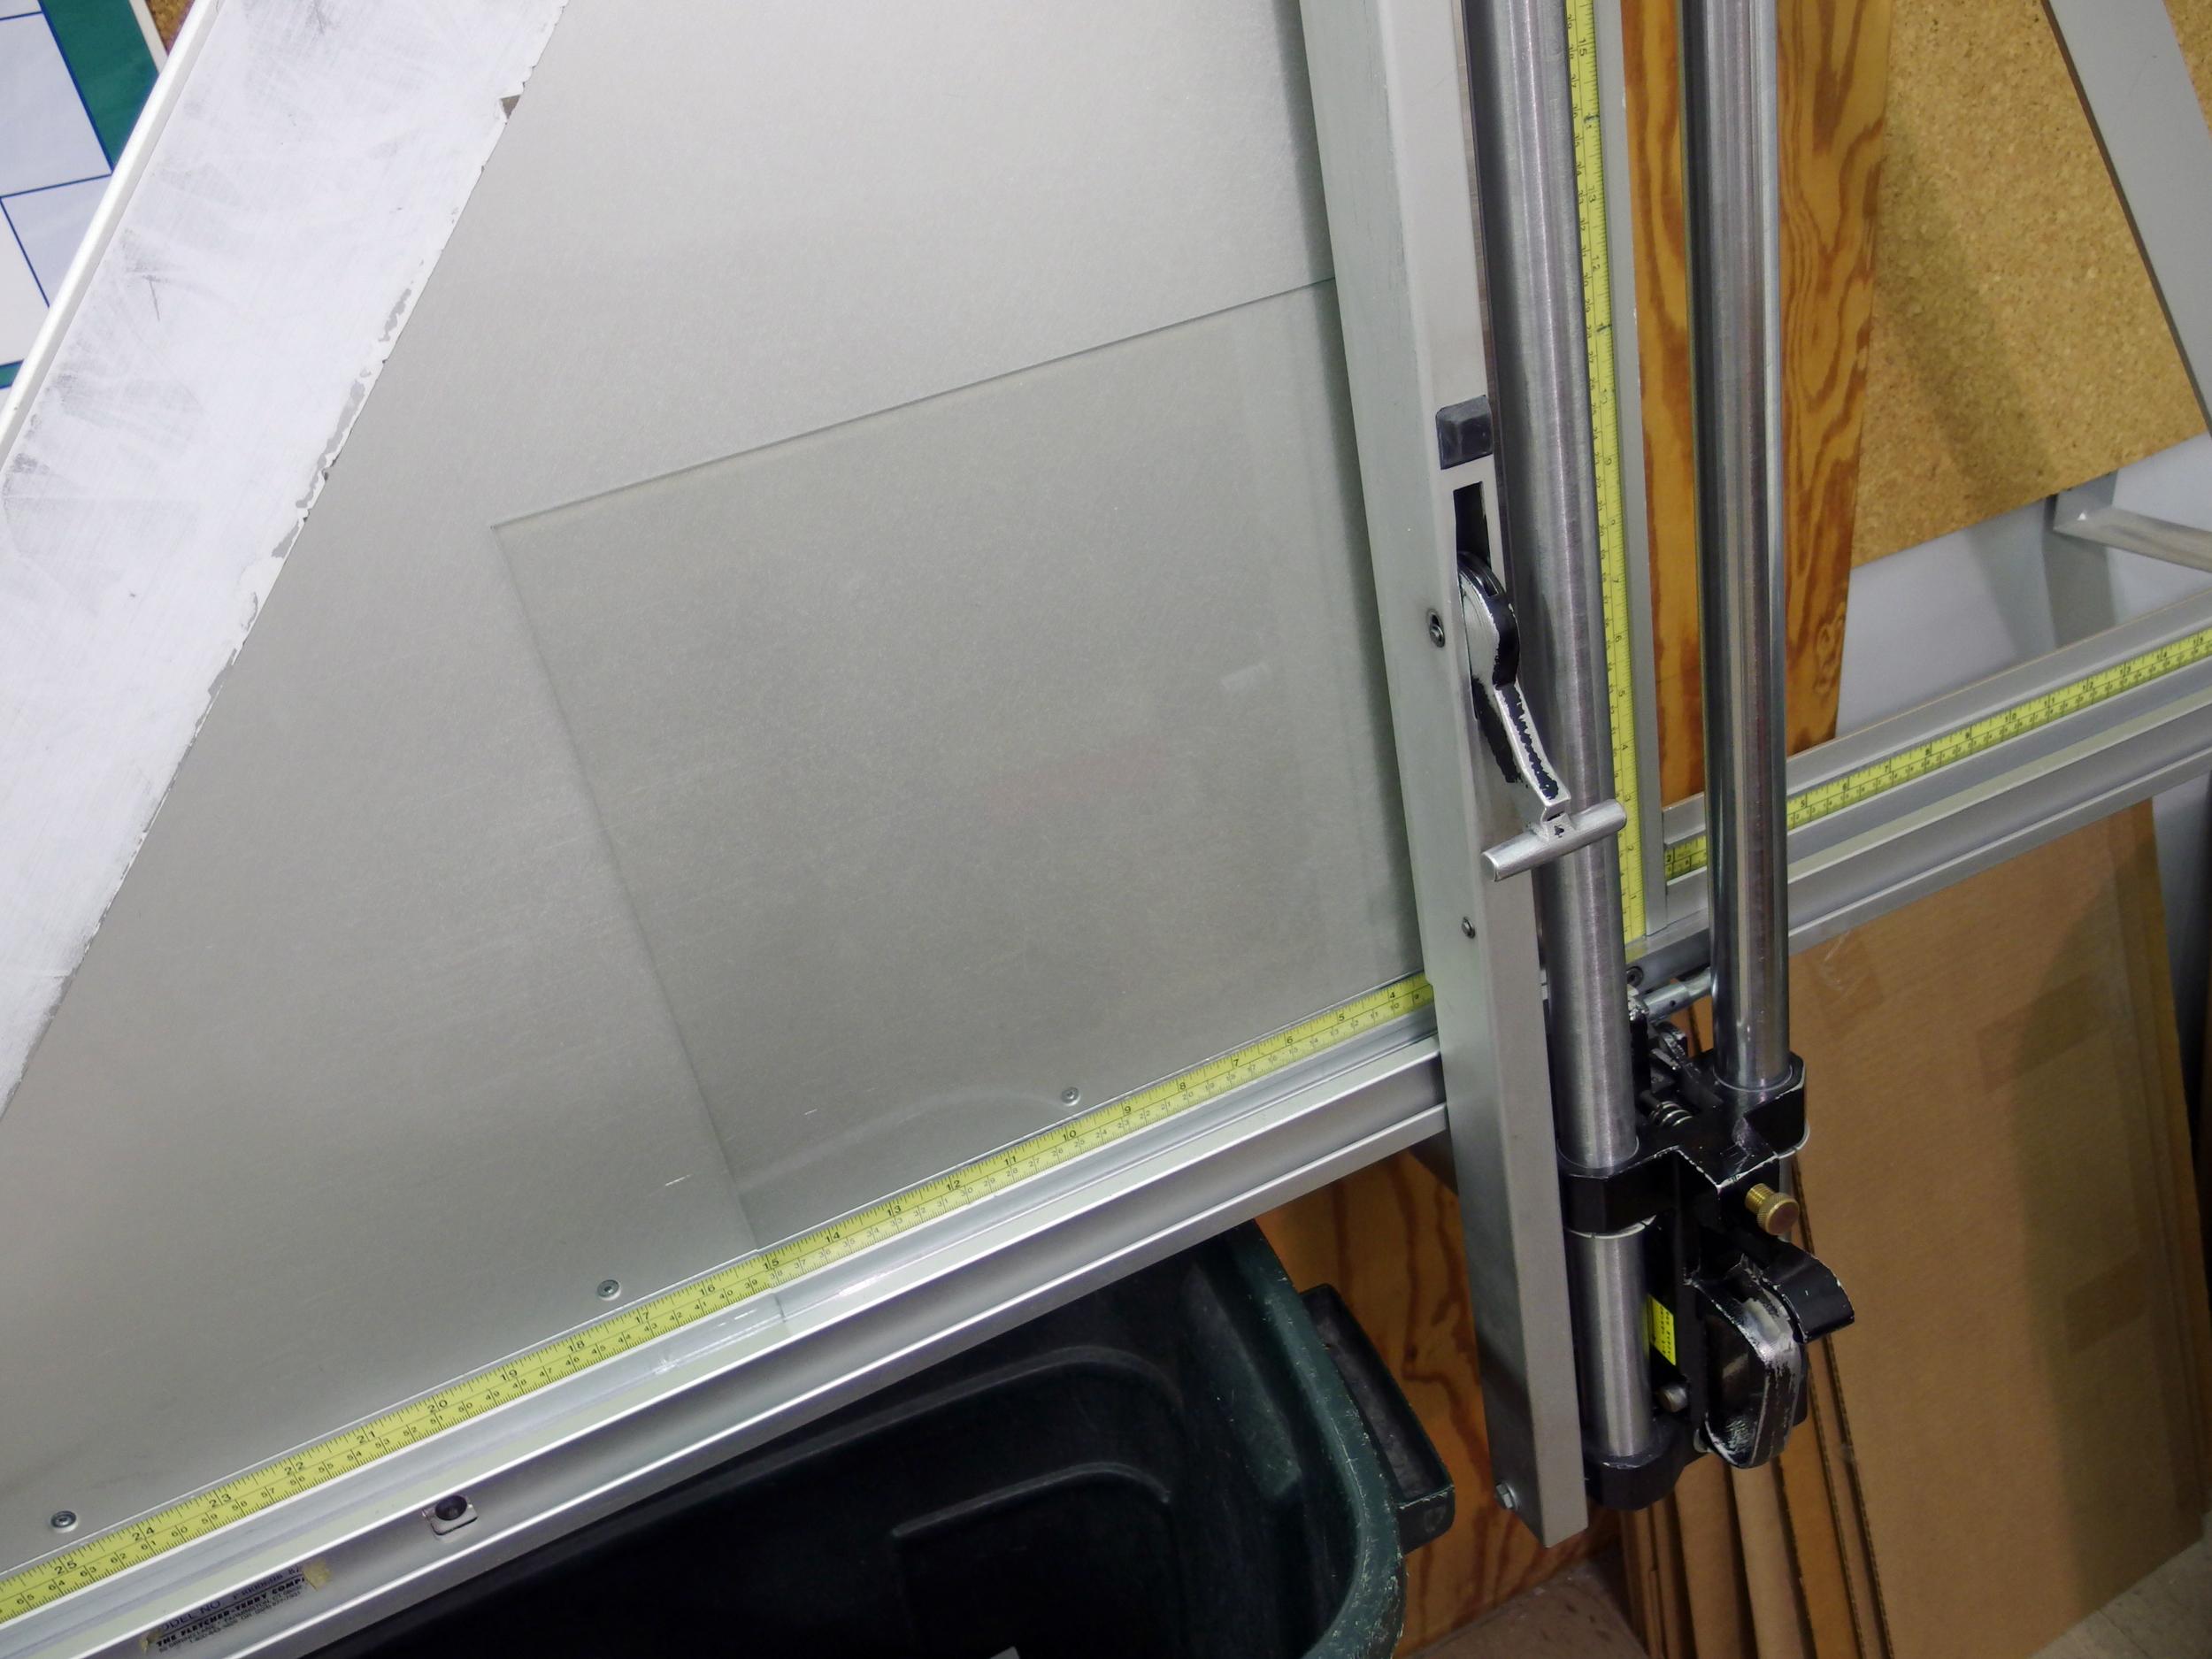 Wall cutter